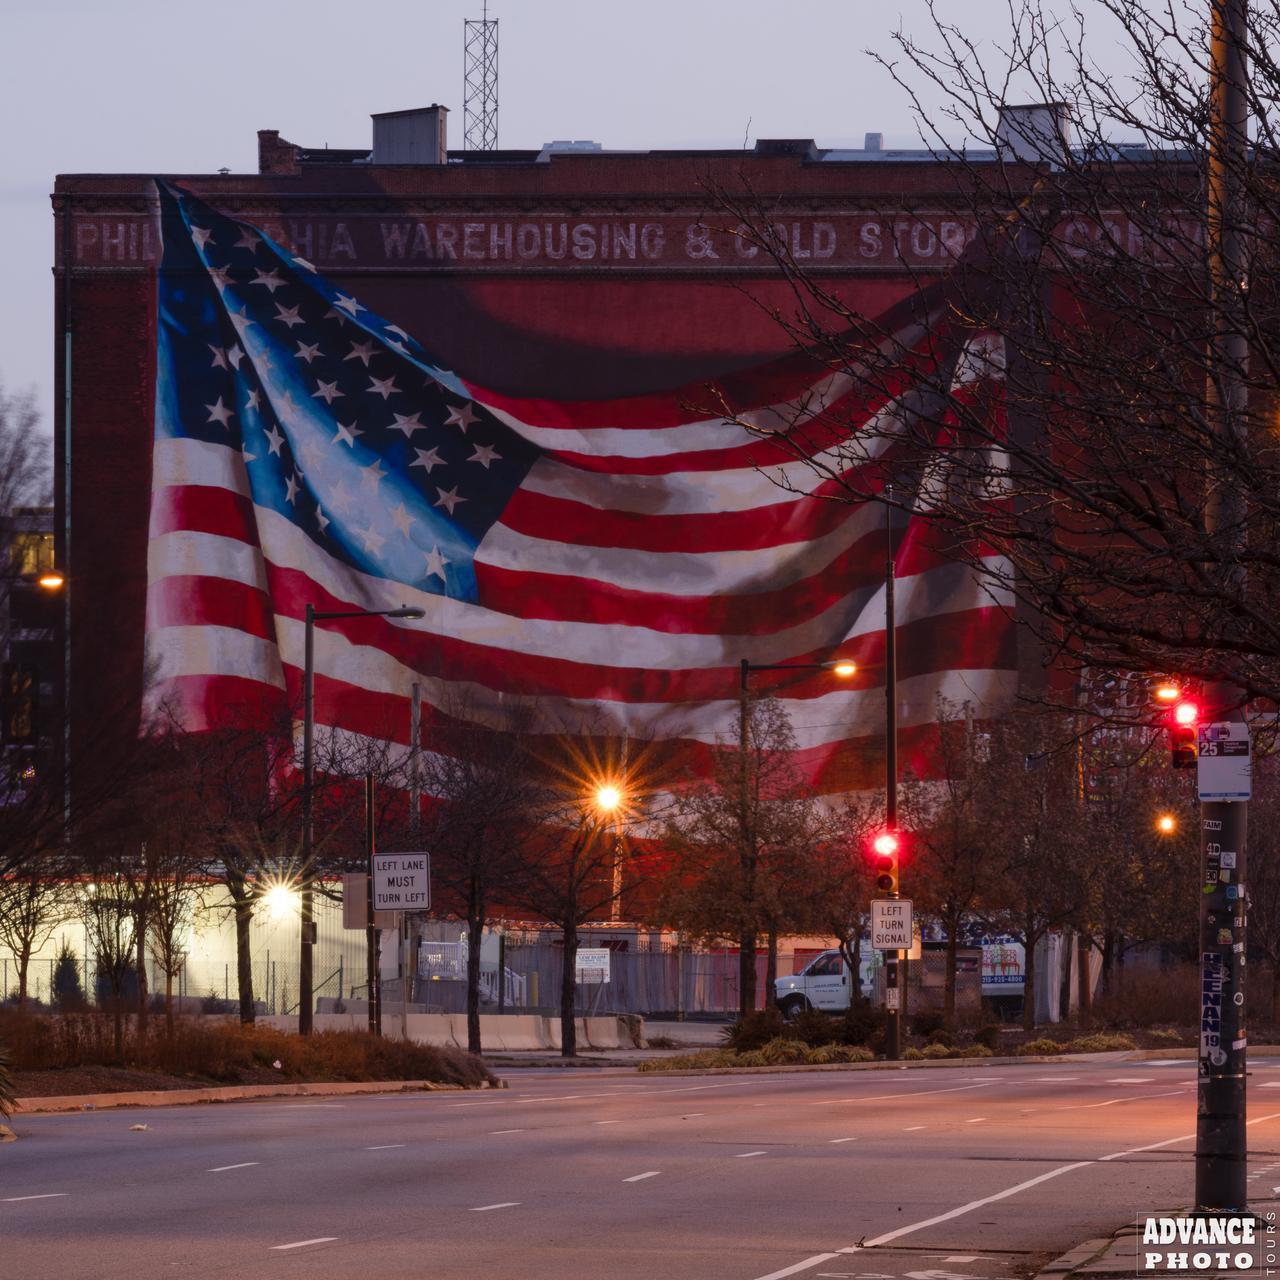 philly-warehouse-flag.jpg